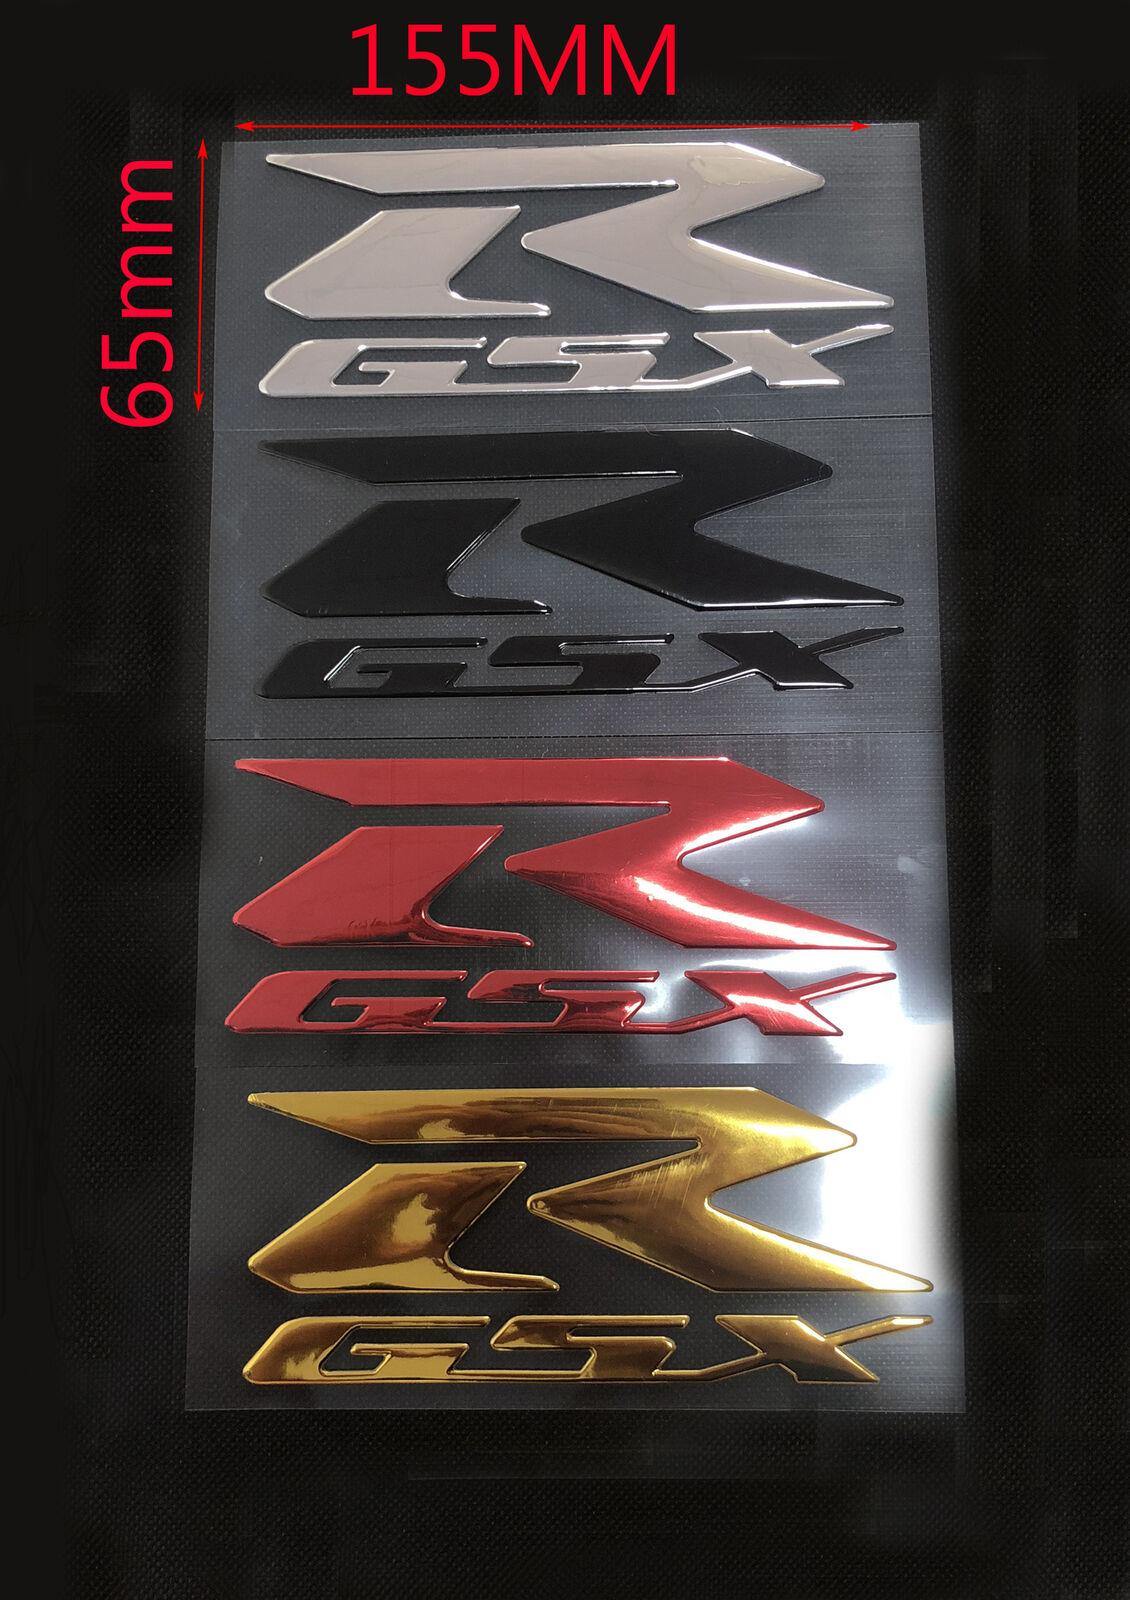 2Pcs 3D Emblem Fender TANK Logo Decal Logo Sticker For Suzuki GSXR GSXR1000 GSXR600 GSXR750 K1 K2 K3 K4 K5 K6 K7 K8 Motorcycle